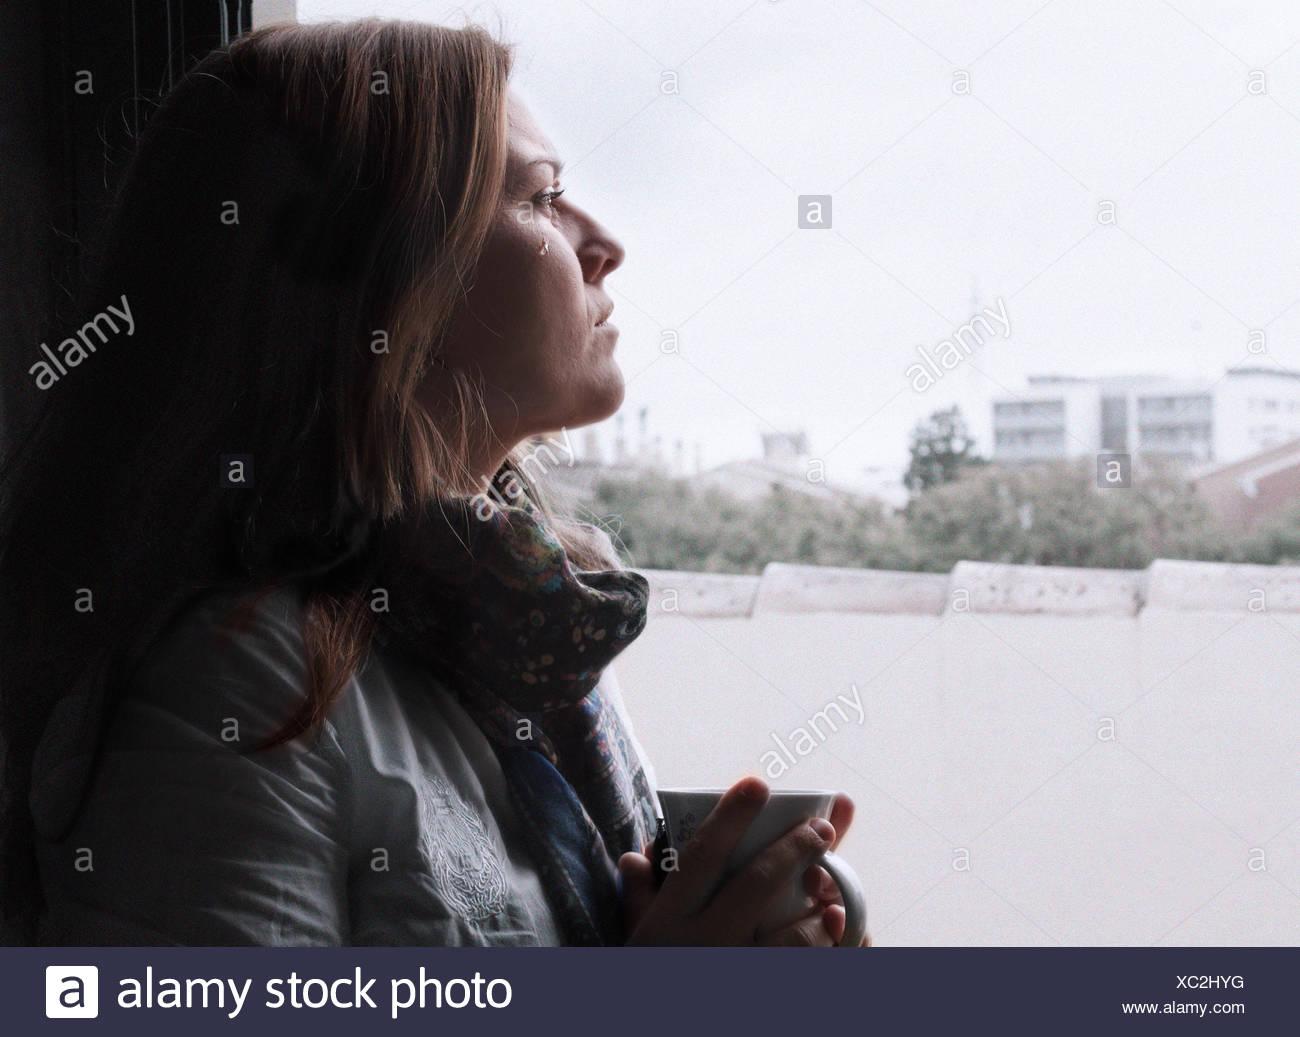 Llorar mujer mirando a través de la ventana Imagen De Stock